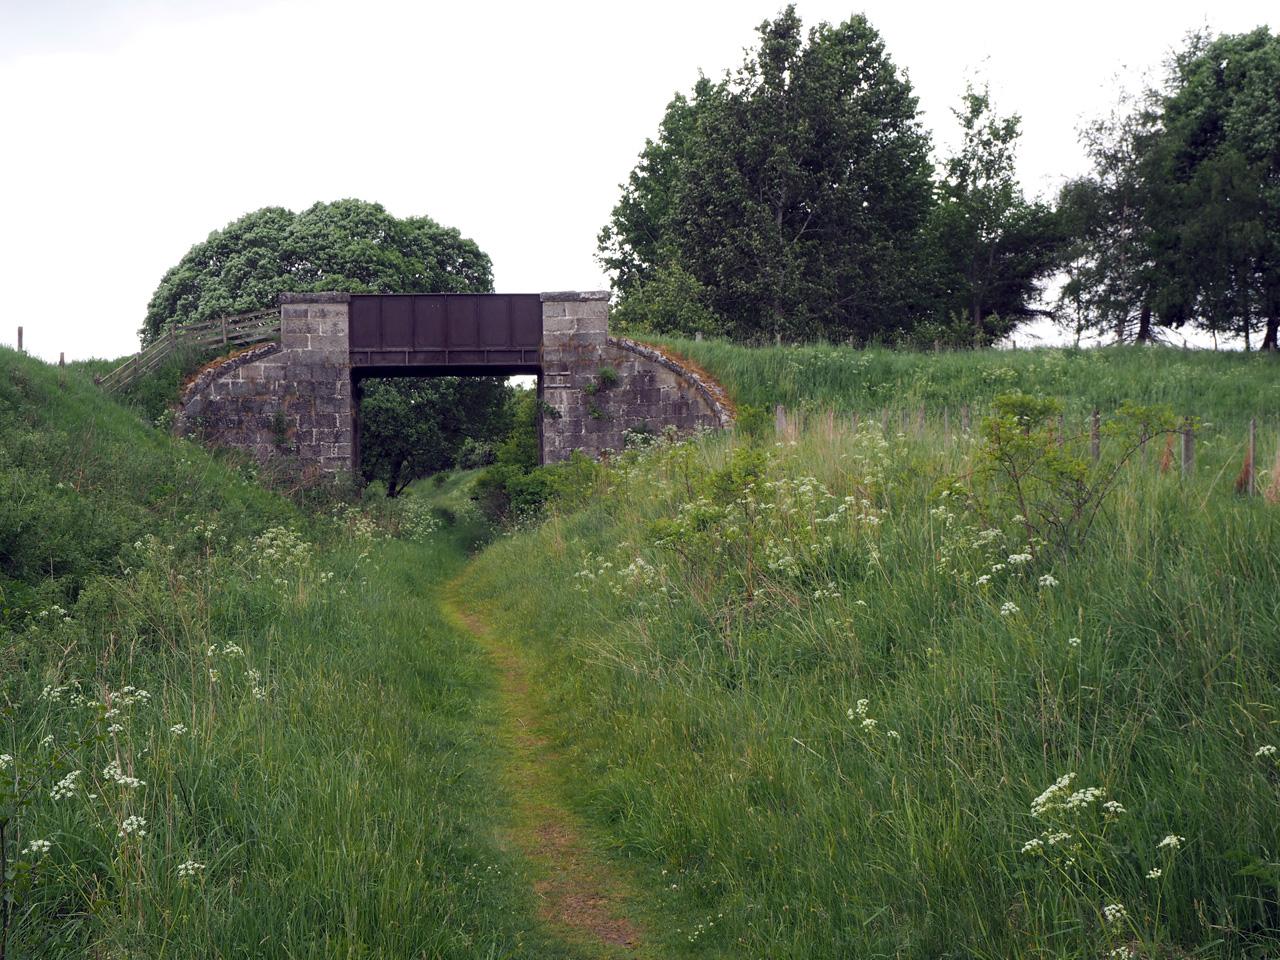 meer spoorbruggen en tunnels